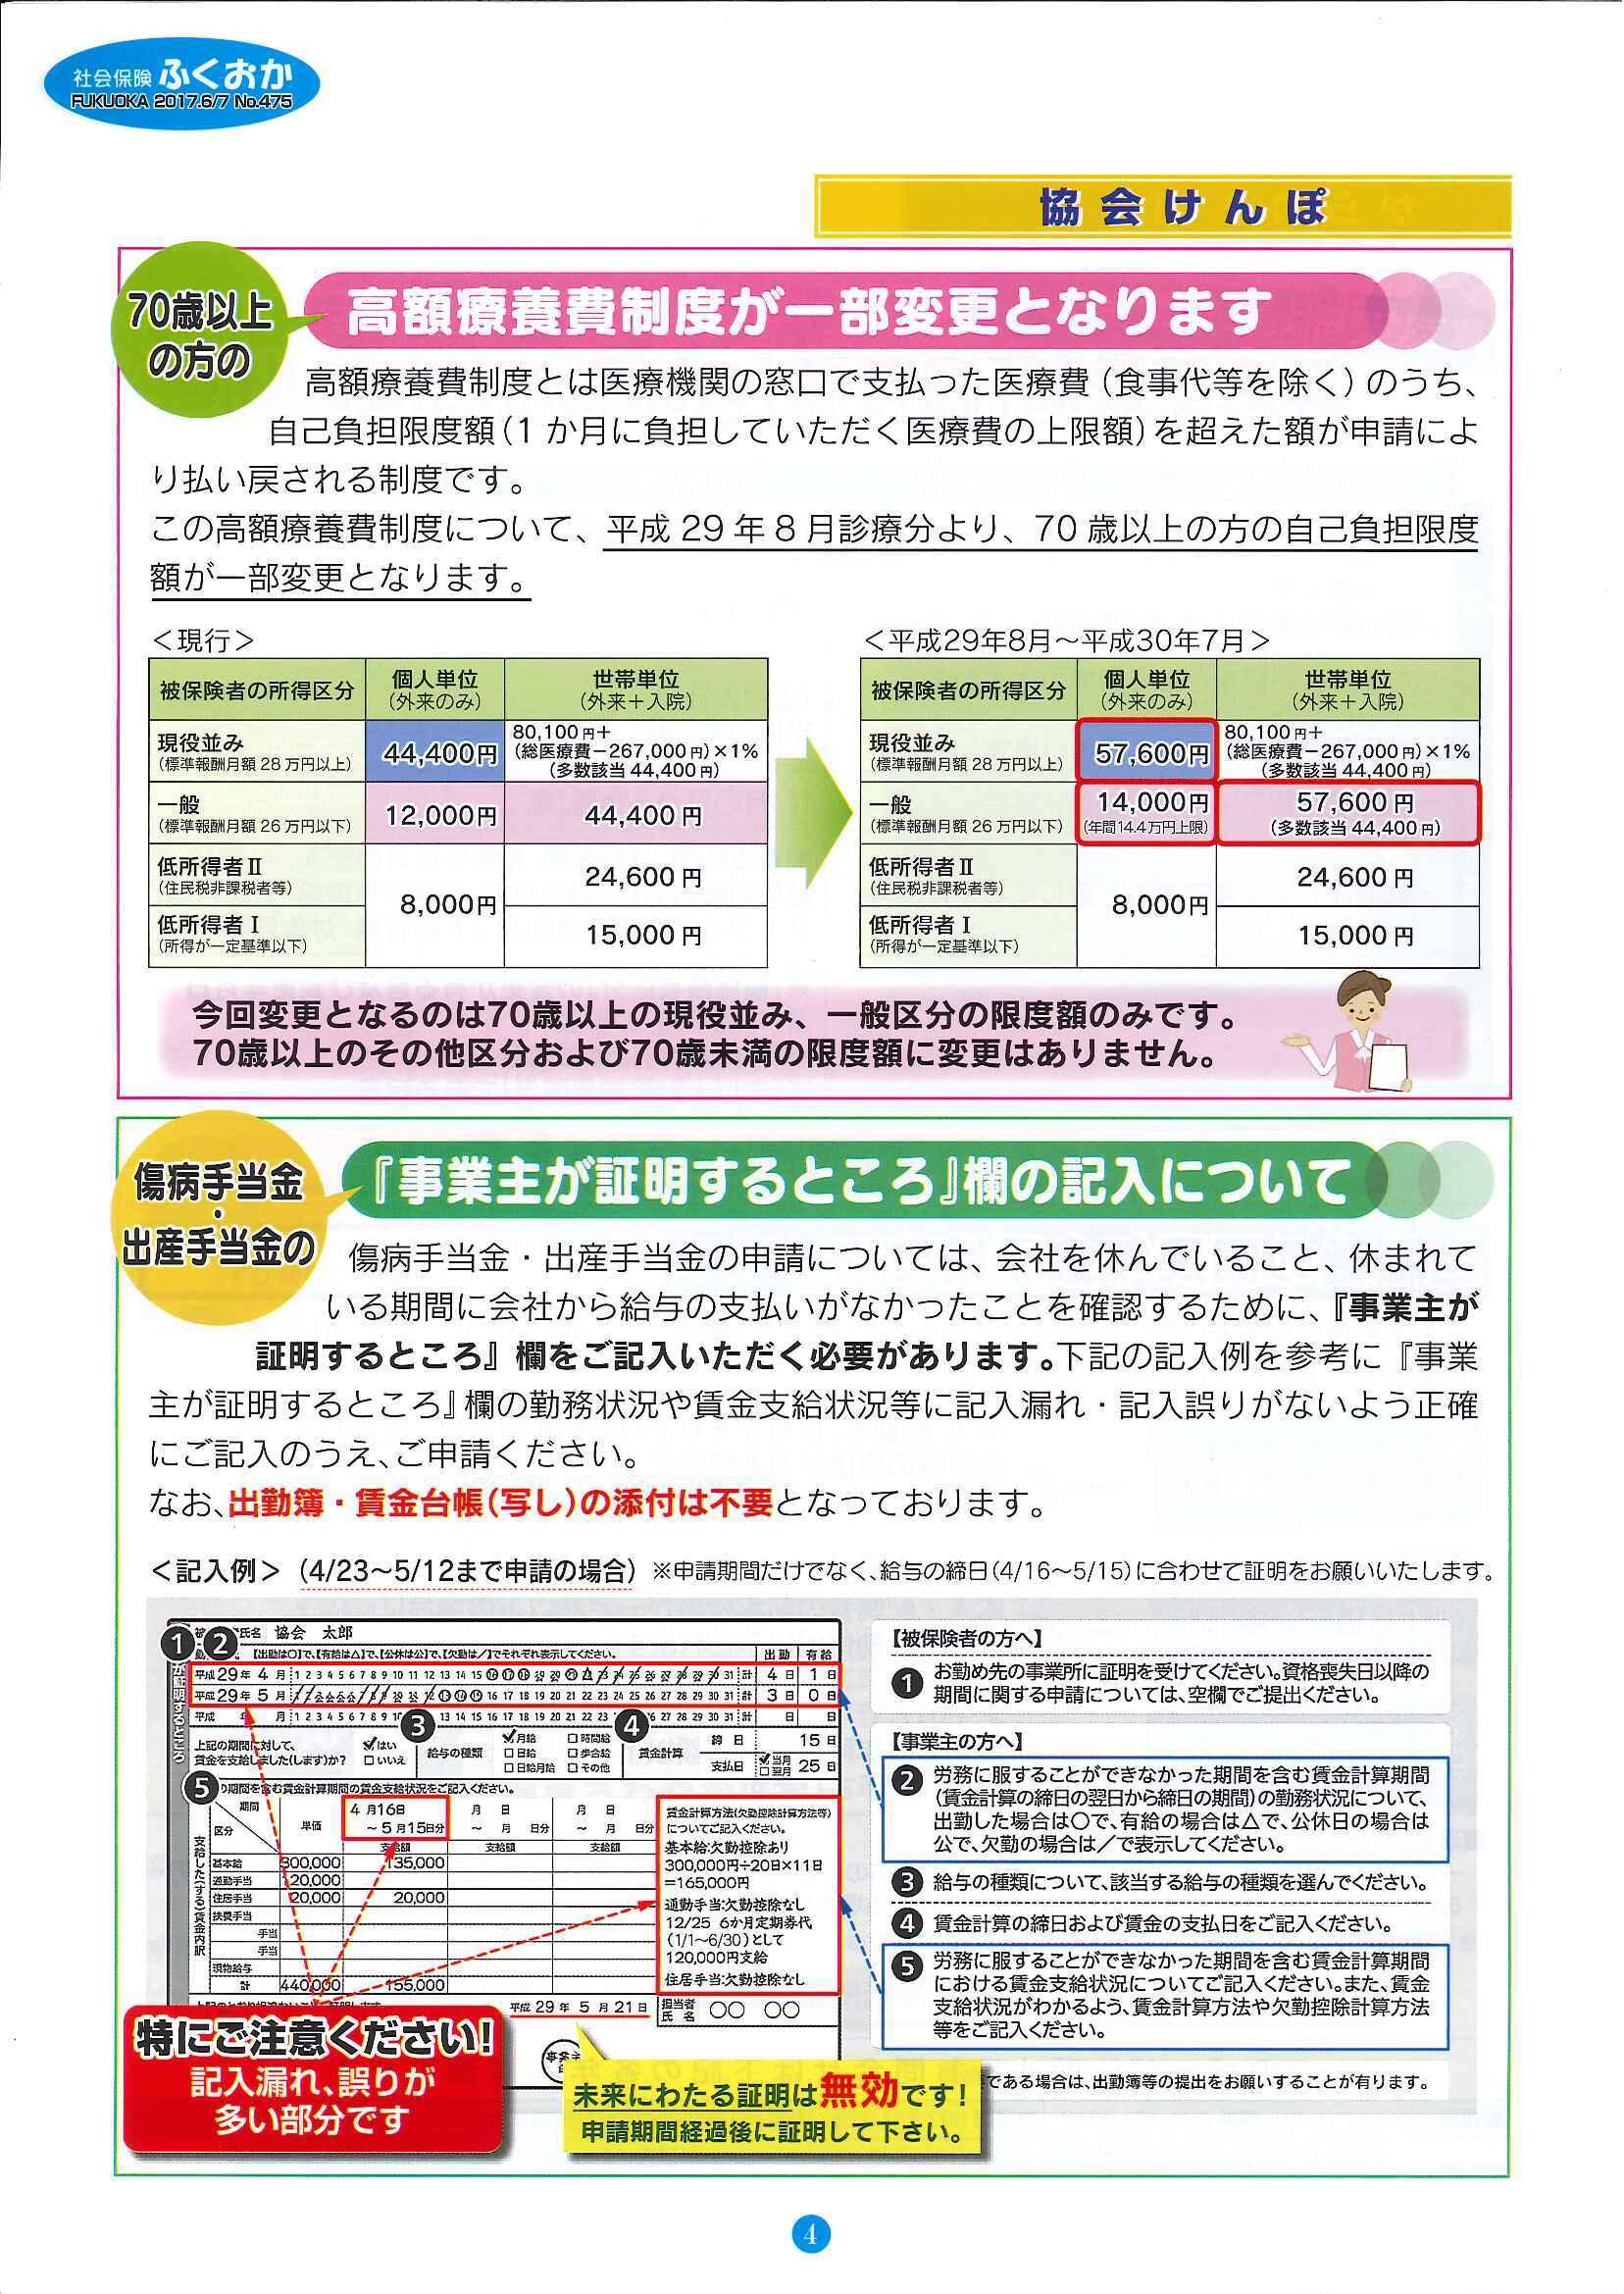 社会保険 ふくおか 2017年 6・7月号_f0120774_15010932.jpg